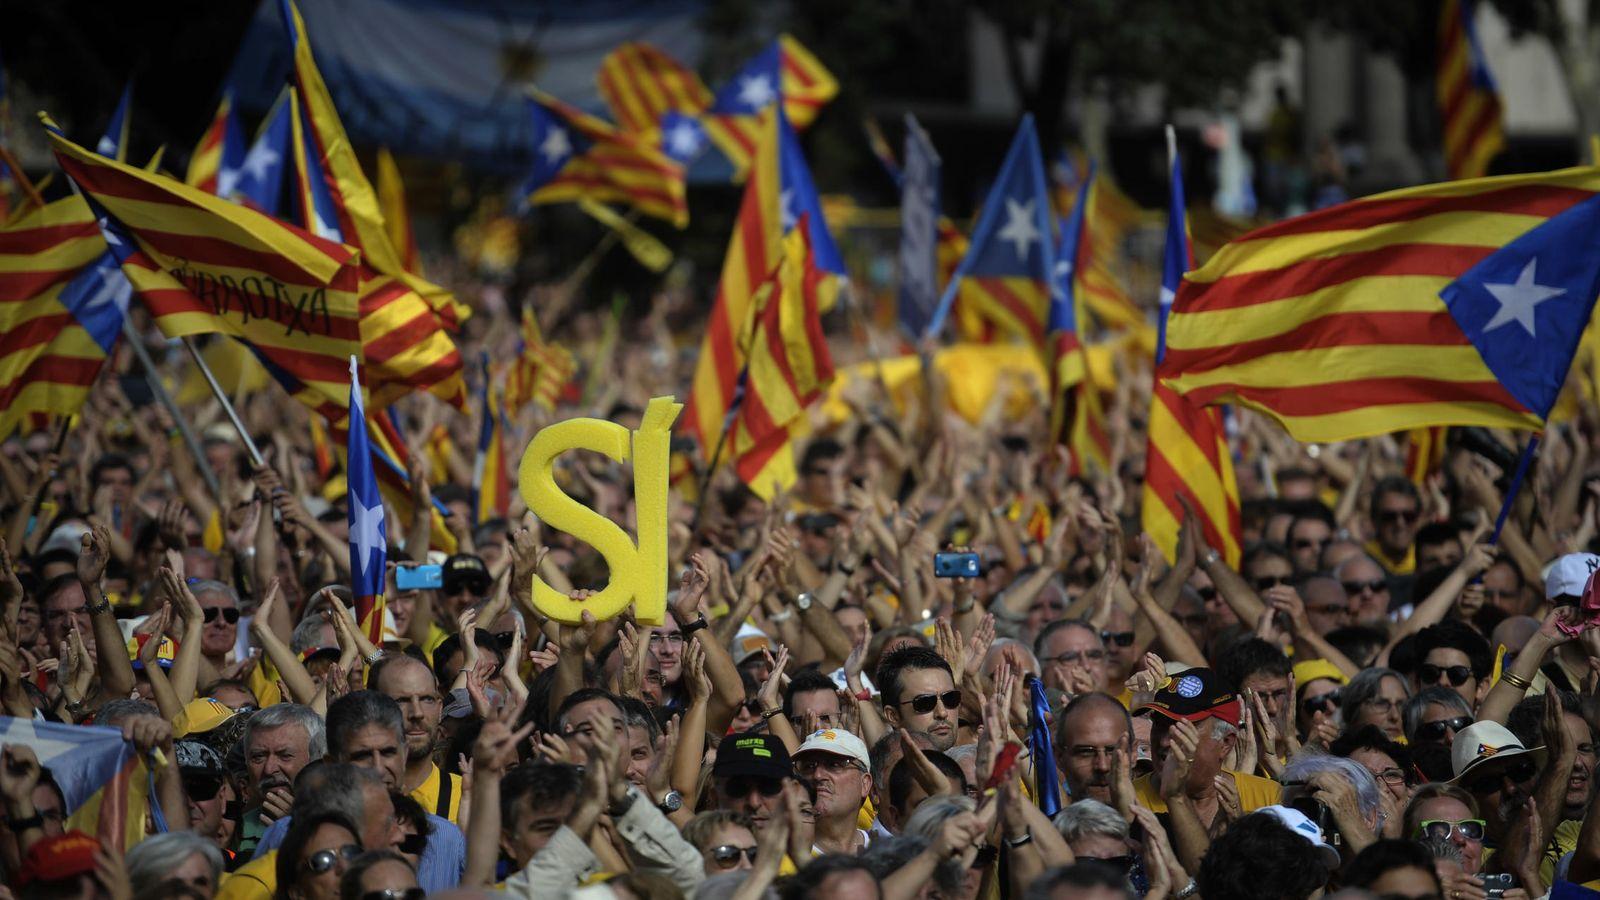 Foto: Manifestación independentista en Barcelona. (AP)